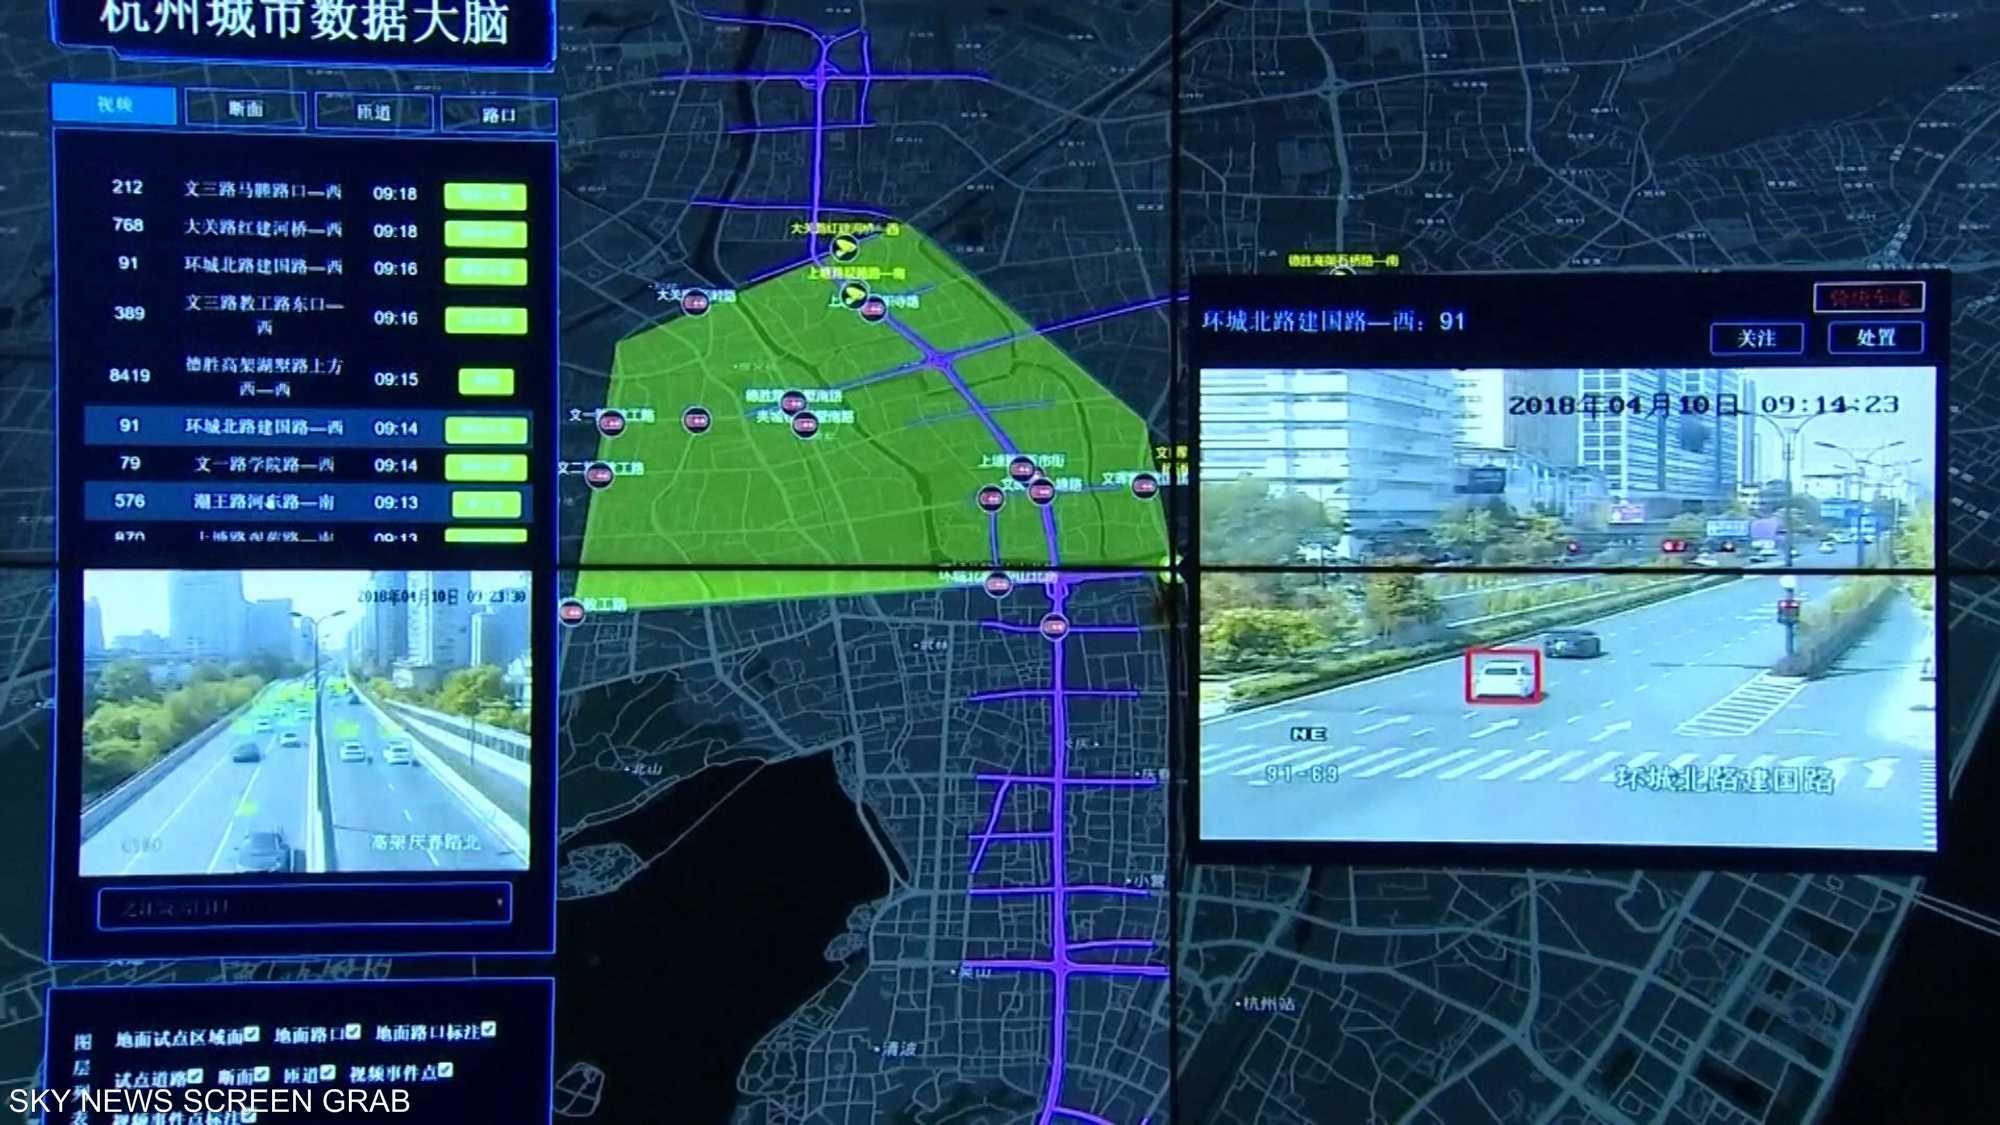 كورونا يدفع باتجاه الوصول إلى المدن الذكية